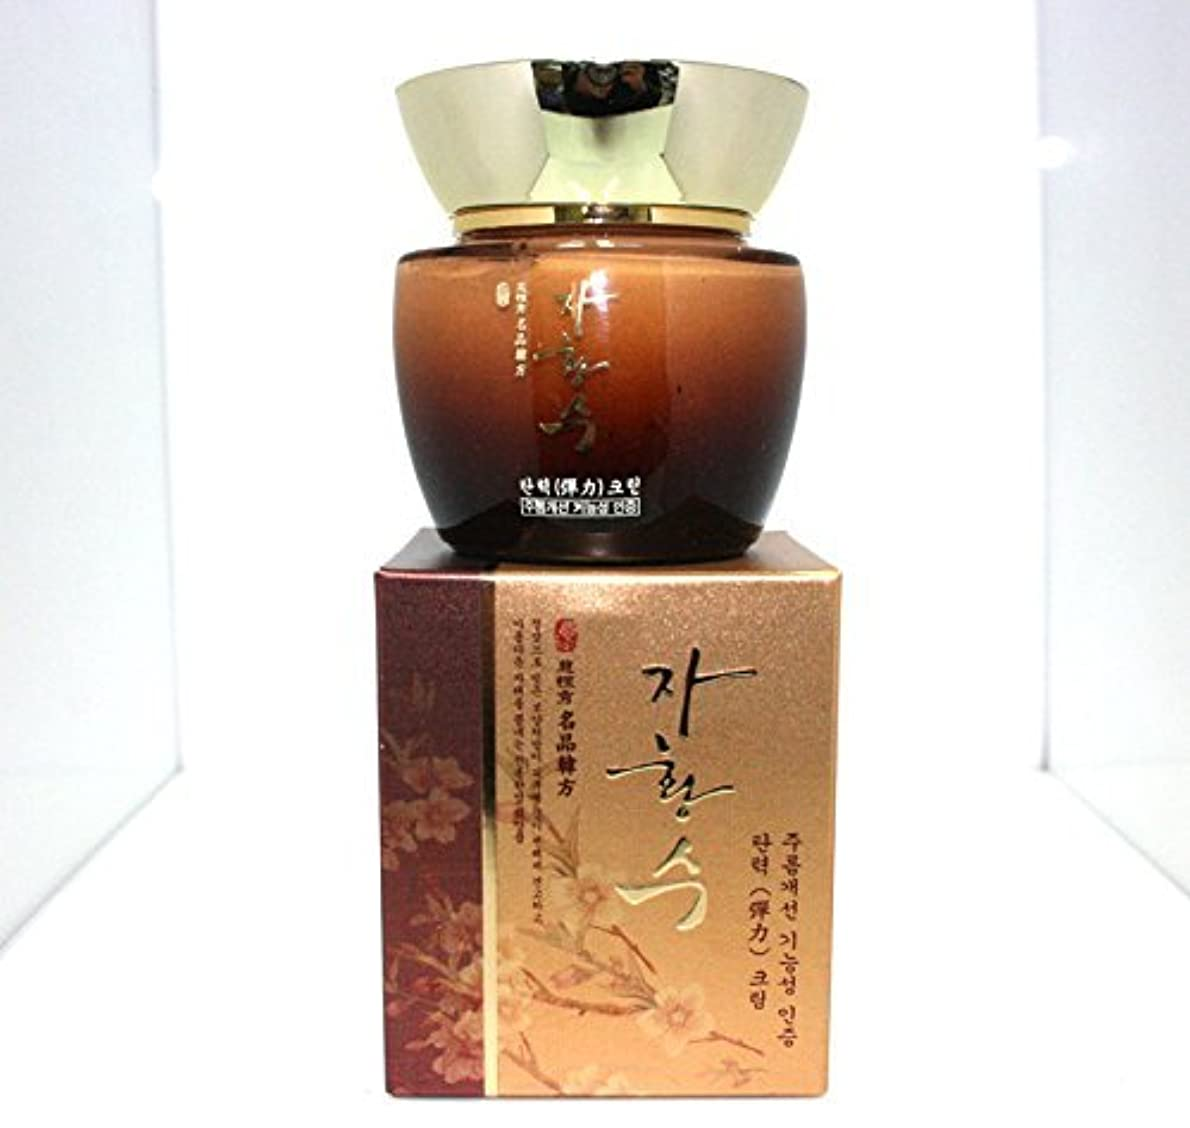 寄付するずんぐりした海峡[Ja Hwang Su] 弾性クリーム50ml /ハーブとローヤルゼリー/ 韓国化粧品 / Elastic Cream 50ml / herbs and Royal Jelly / Korean Cosmetics [並行輸入品]